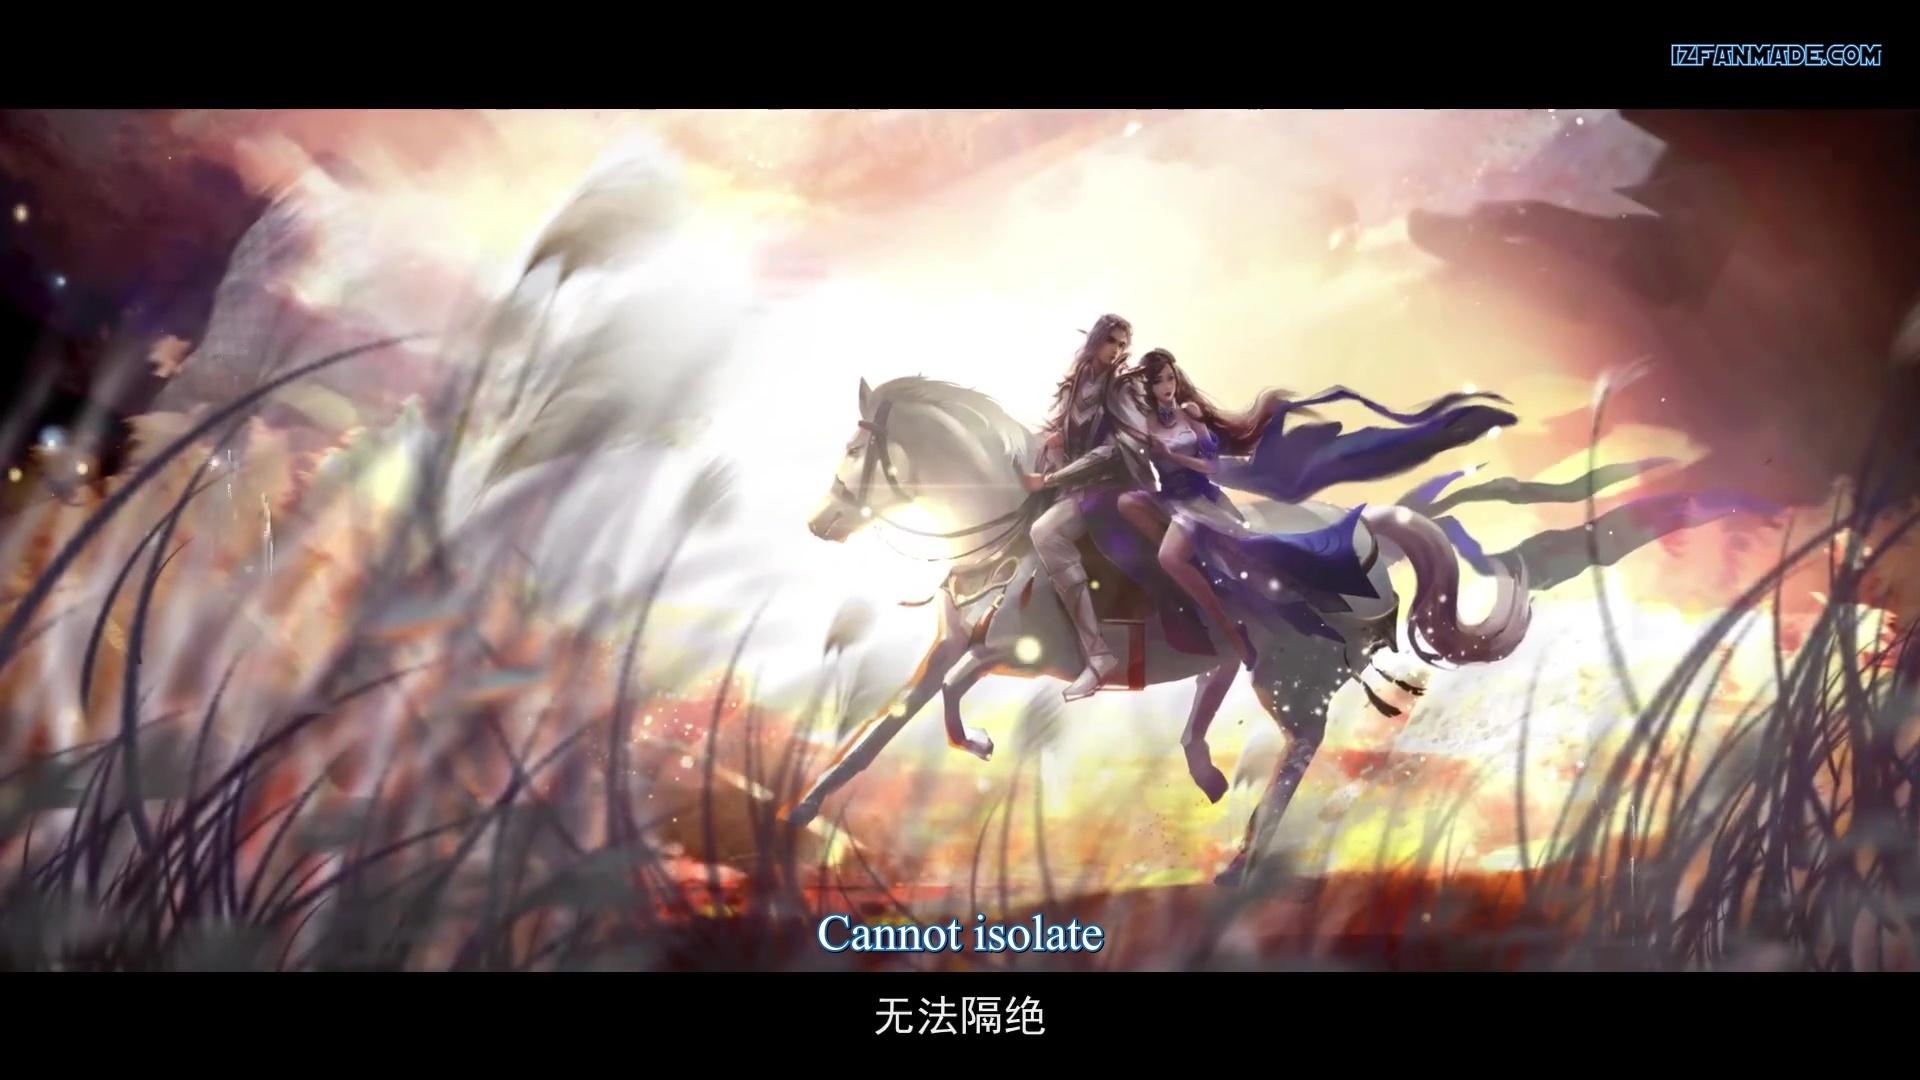 Mu Wang Zhi Wang You Du Zhan - Great King of the Grave Season 4 (chinese anime donghua ) episode 01 ( episode 62 ) english sub